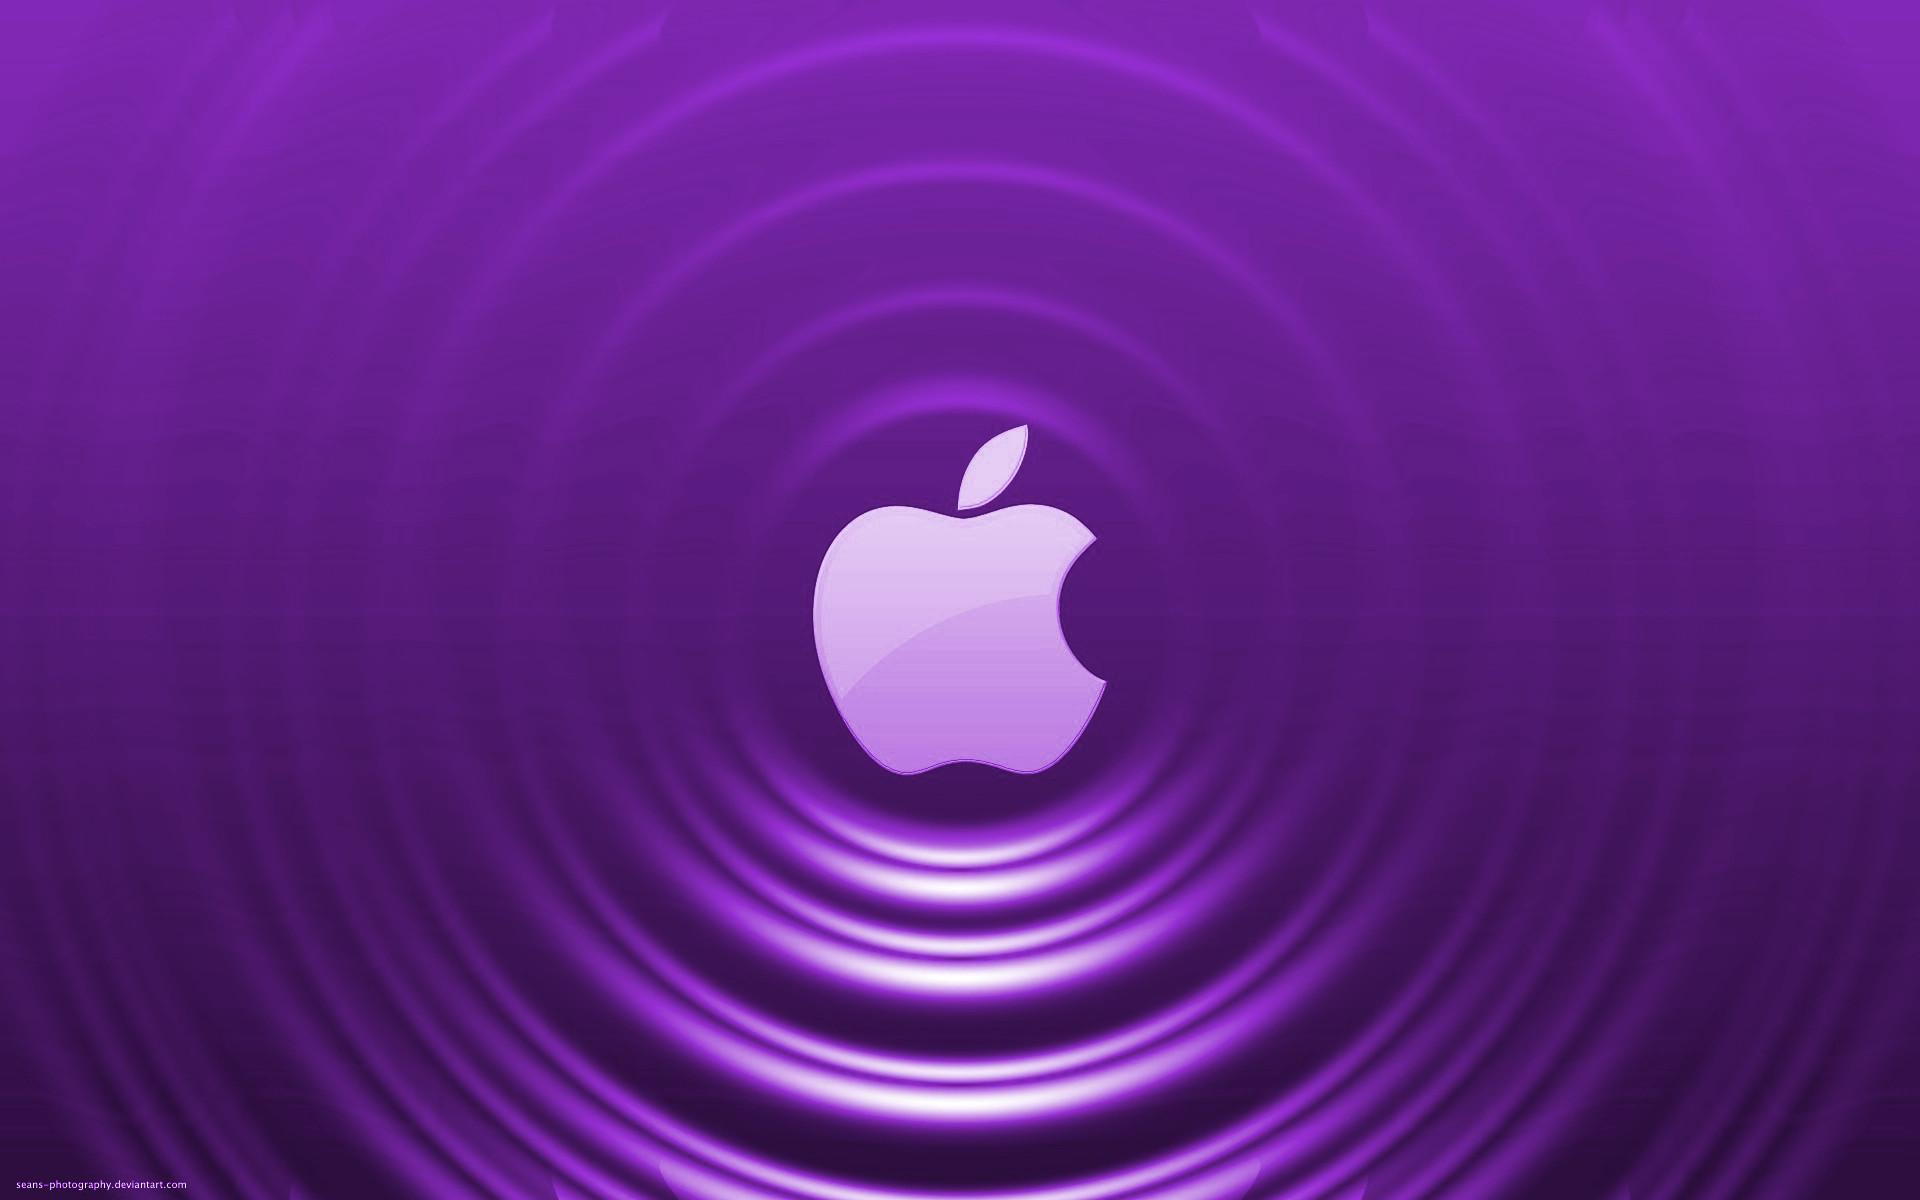 purple | Smoke Blue Purple – Full HD Apple Wallpapers | Purple | Pinterest  | Hd apple wallpapers, Apple wallpaper and Smoke